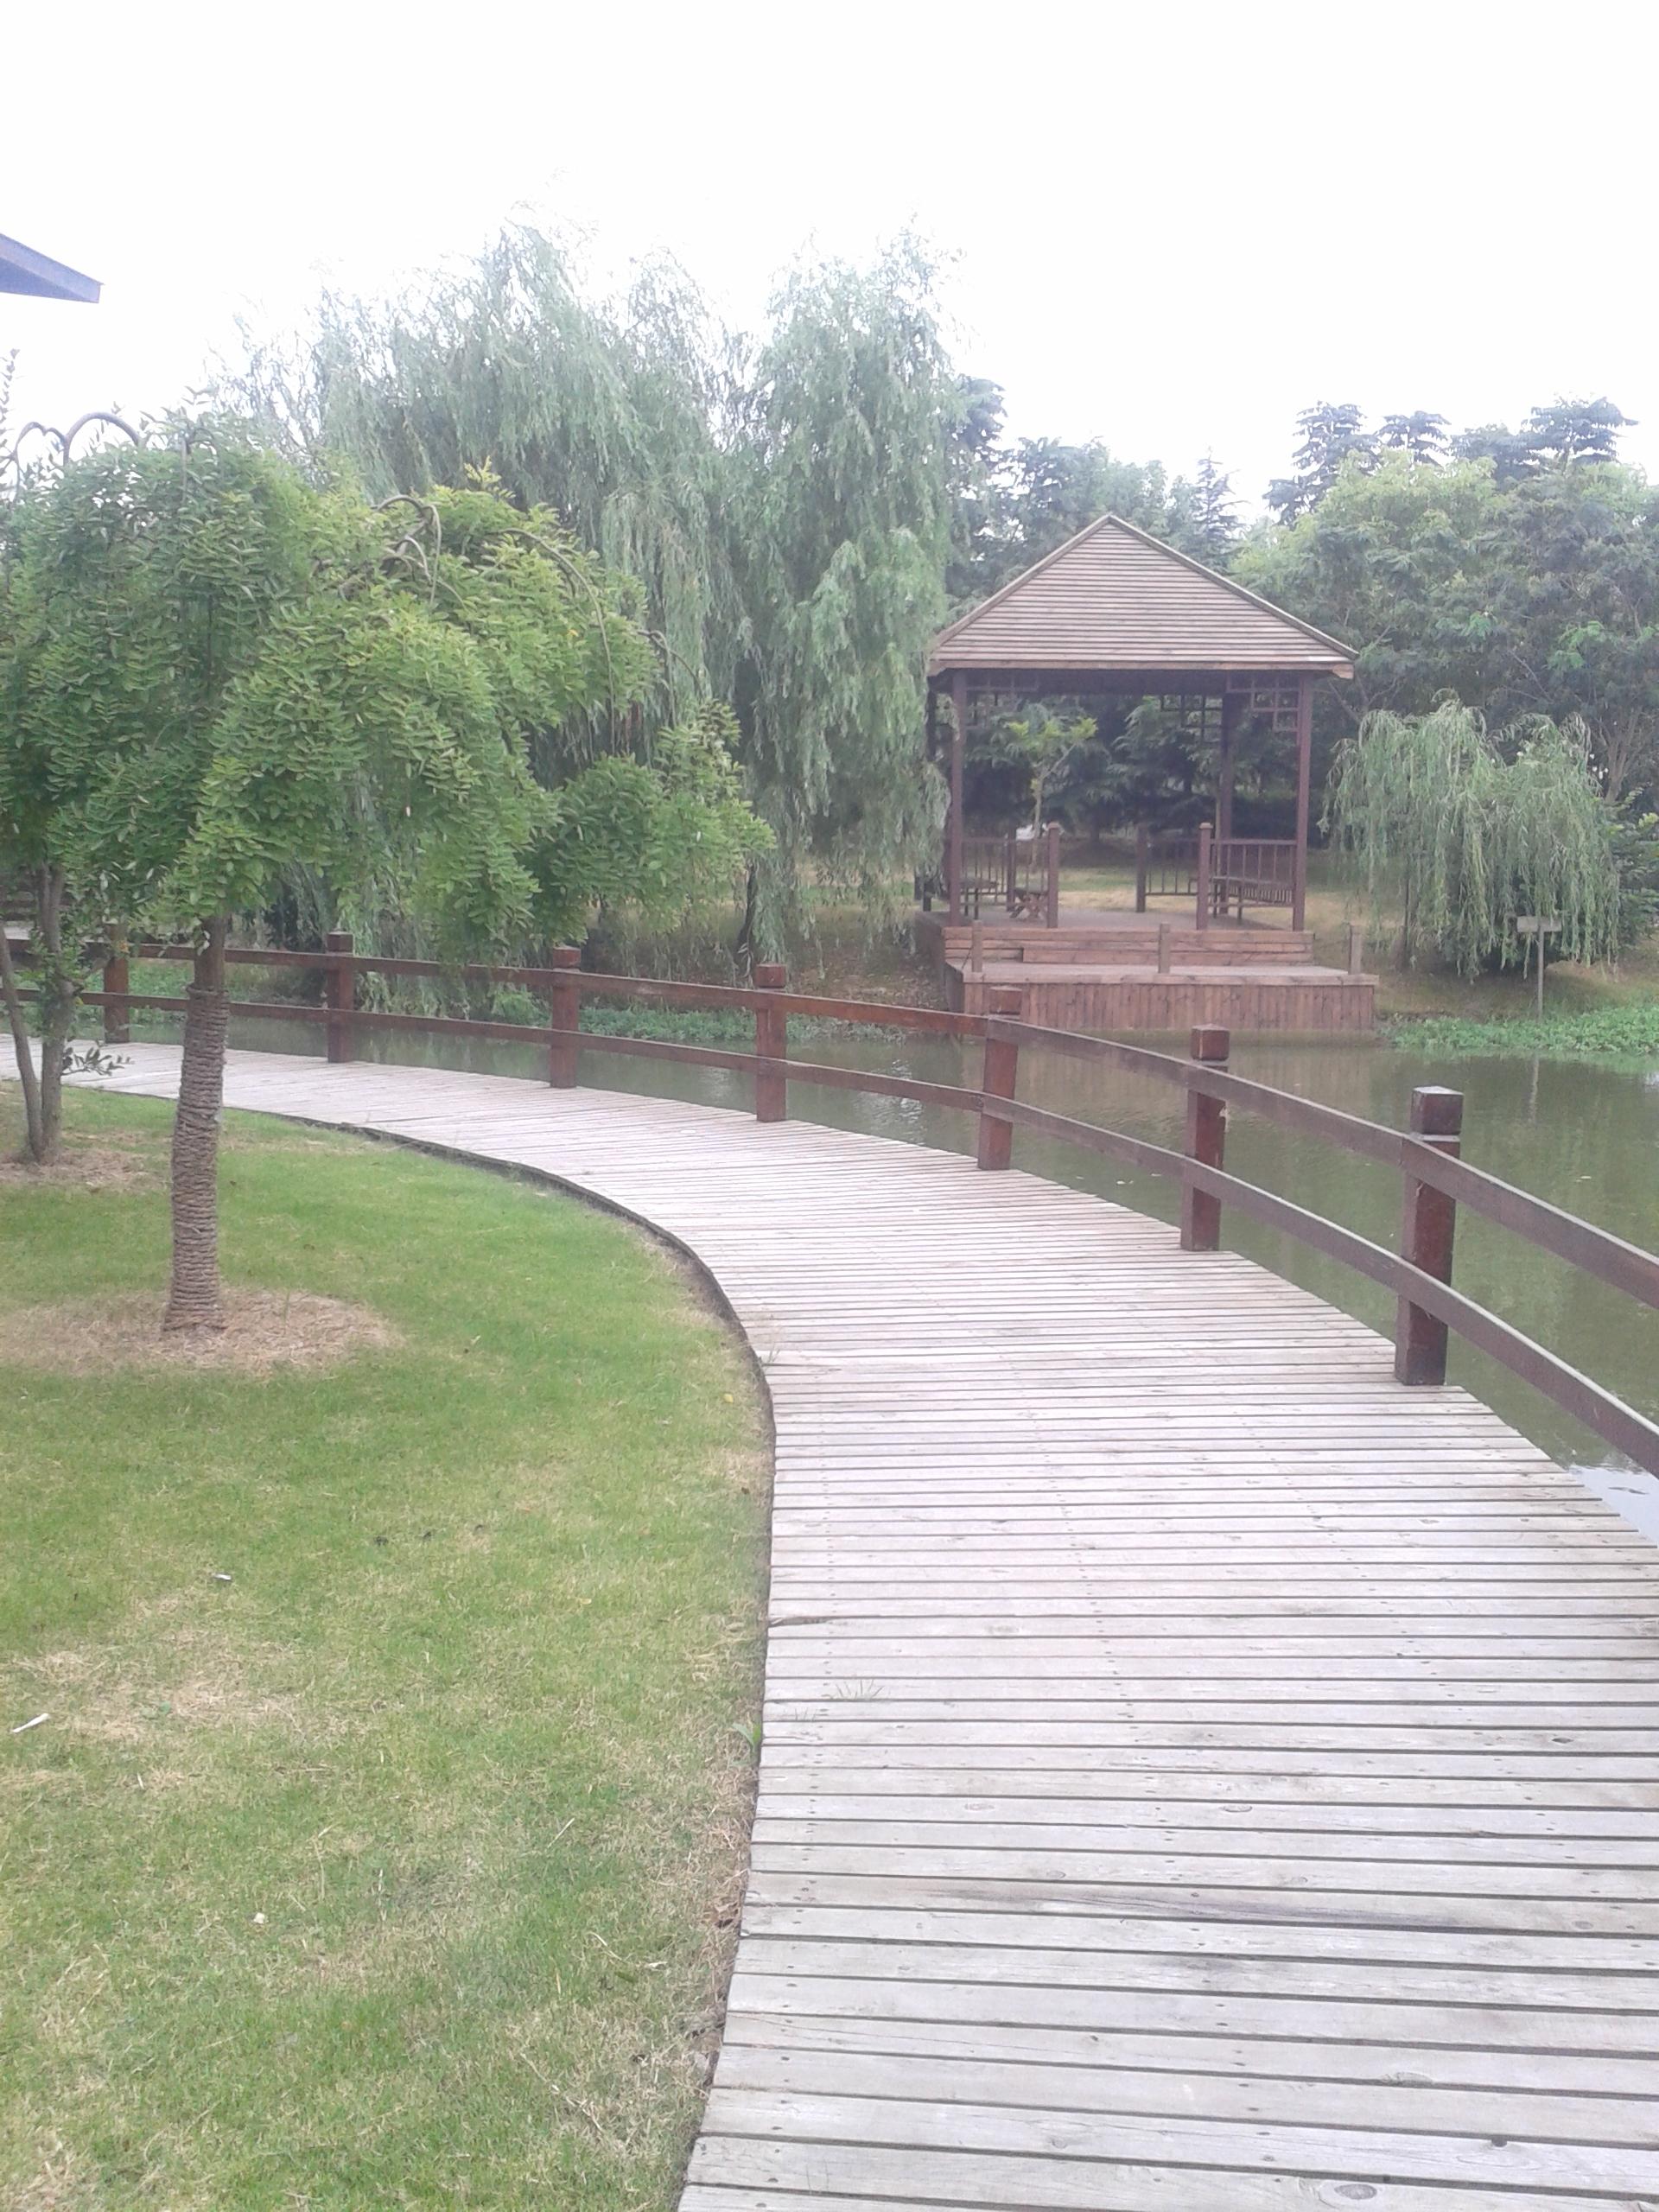 在上海市郊的东川公路上,有个幽静的好去处康明庄园,因为路口实在不起眼,破破的招牌烂烂的路,差点错过,不过进了庄园大门就豁然开朗了,环境不错,有水有桥,有梅花鹿,还有游泳池,地盘很大,绿化很好,布景也美,主要是人还不多,走走逛逛心旷神怡,听说以前还有钓鱼的池塘,现在没有了,不过好大的湖面有好几个哦。里面有住宿,有客房和别墅两种,所谓的小别墅大别墅只是单独的一室一厅和两室一厅,非常心仪那个豪华别墅,有五间房,上下两层,不过只有两套,其中一套超豪华的,据说是老板自己居住的,好在不远处正在新建一排豪华别墅,想必